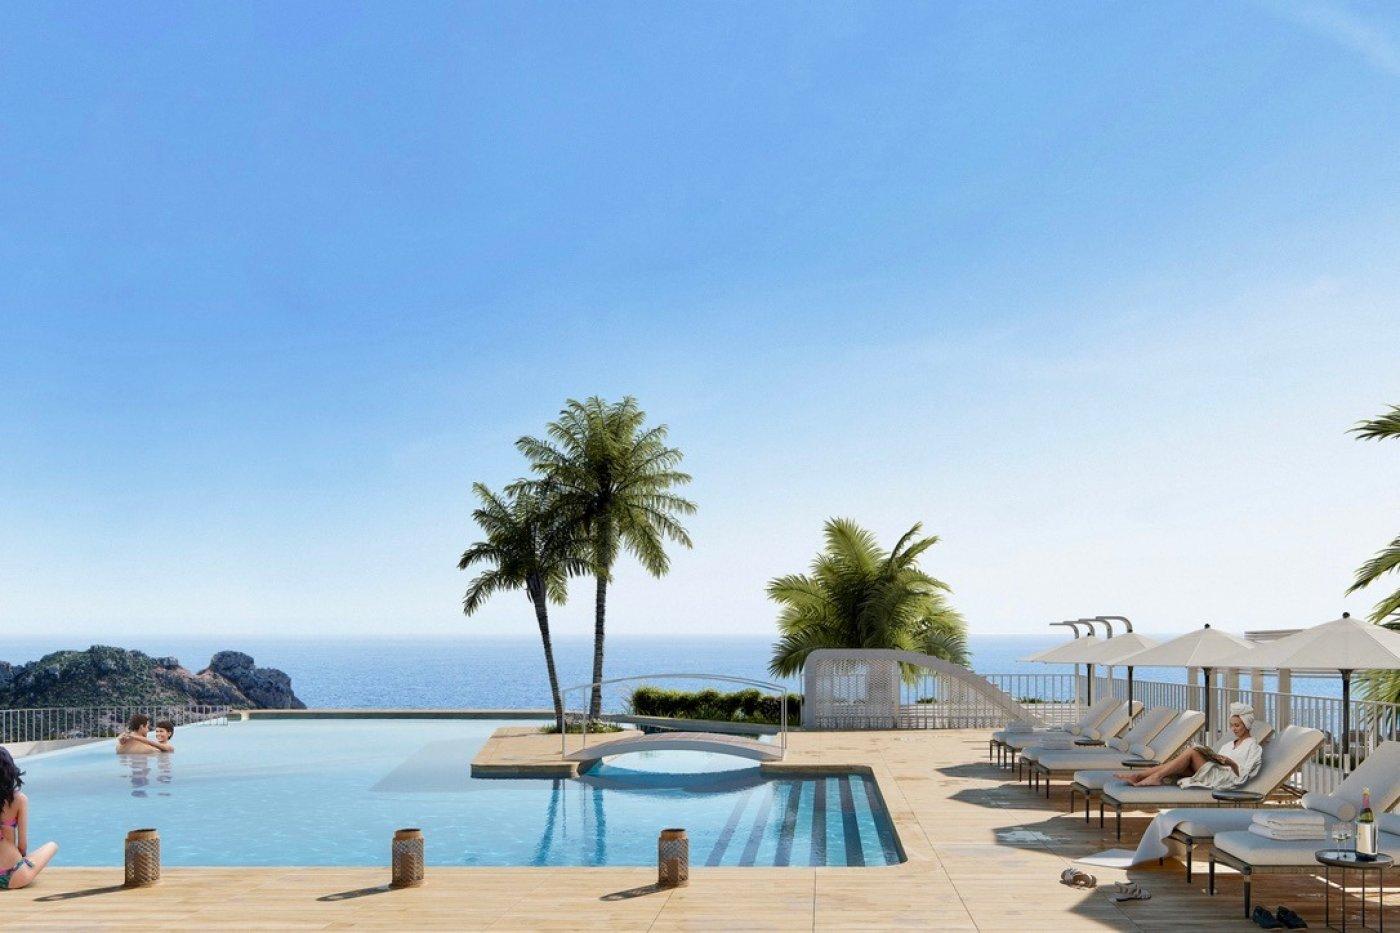 Galleribillede 13 of Exceptionel 2 etagers 4 vær luksus lejlighed, panorama udsigt, 58 m2 og 24 m2 solterrasser